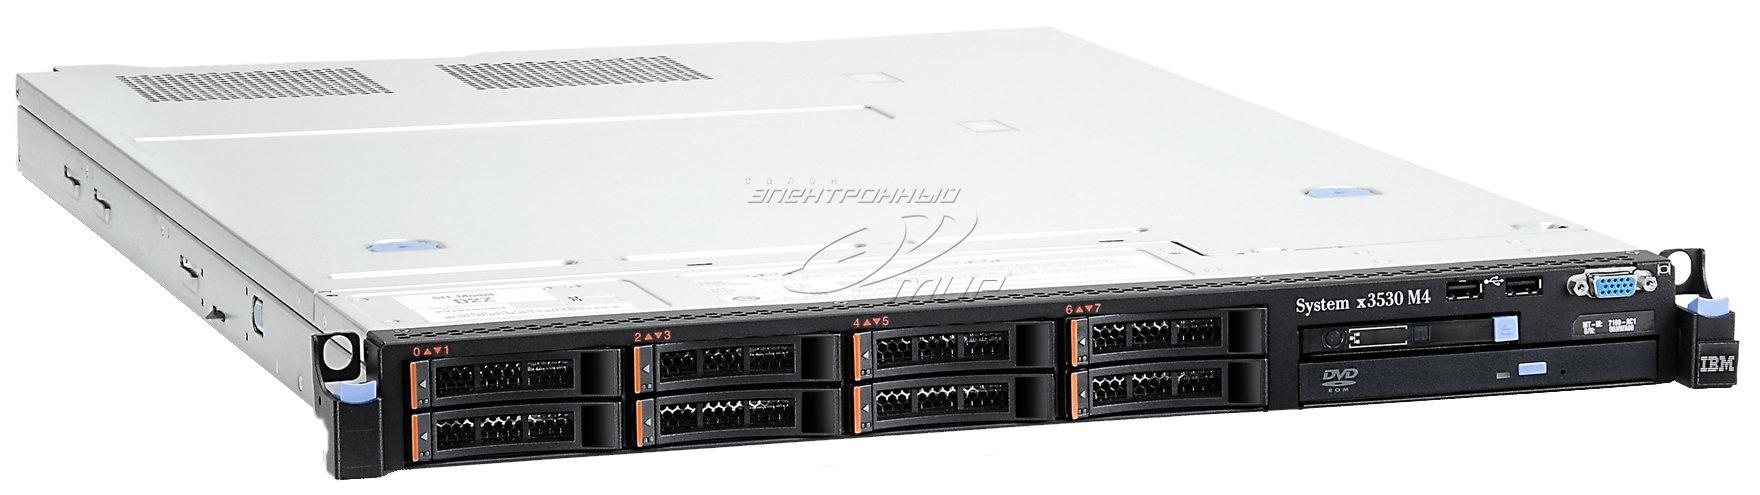 Сервер IBM x3530 M4